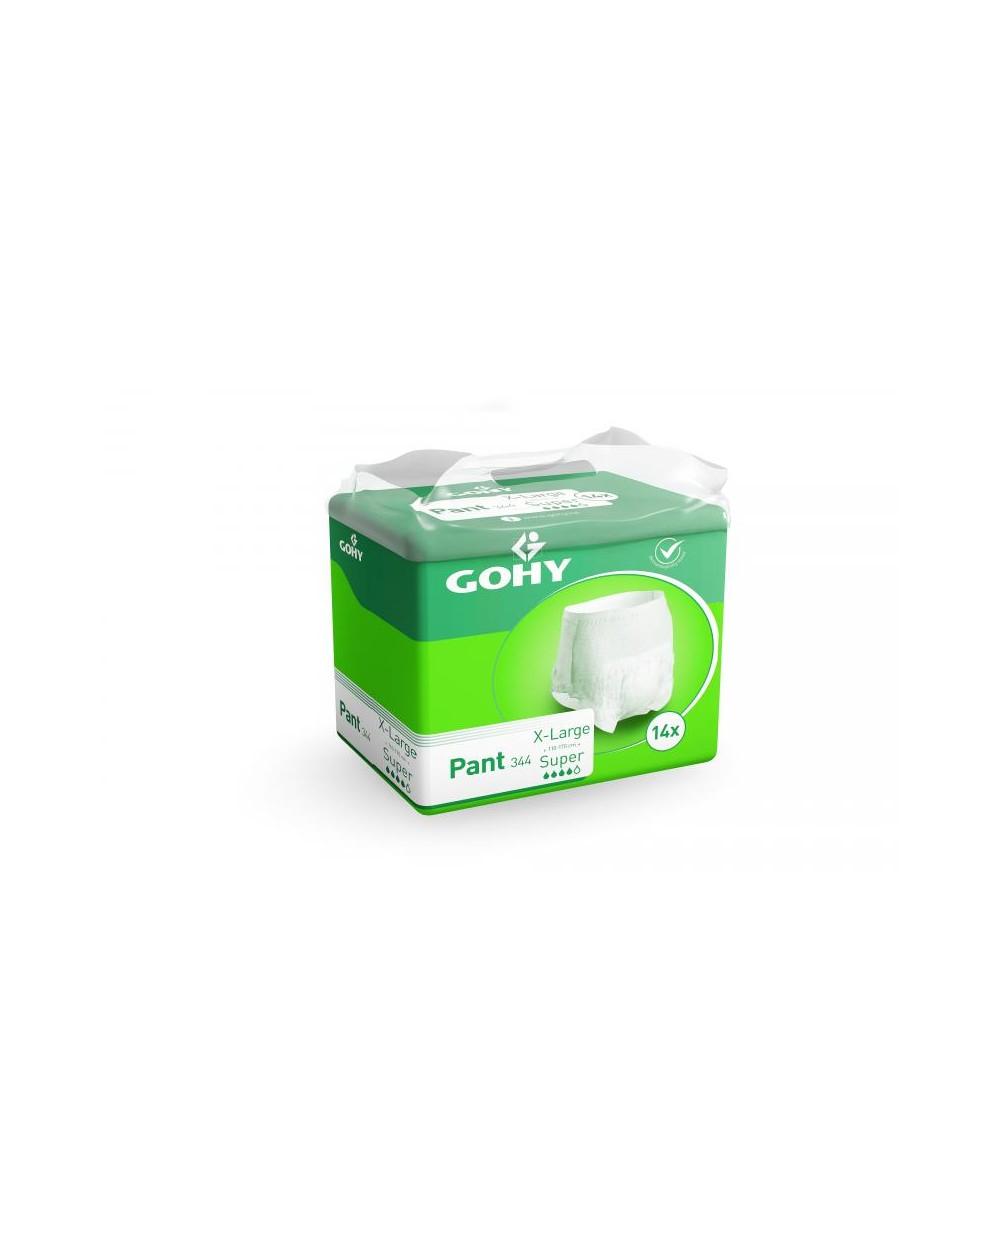 GOHY Pants Super XL - 12 paquets de 14 protections